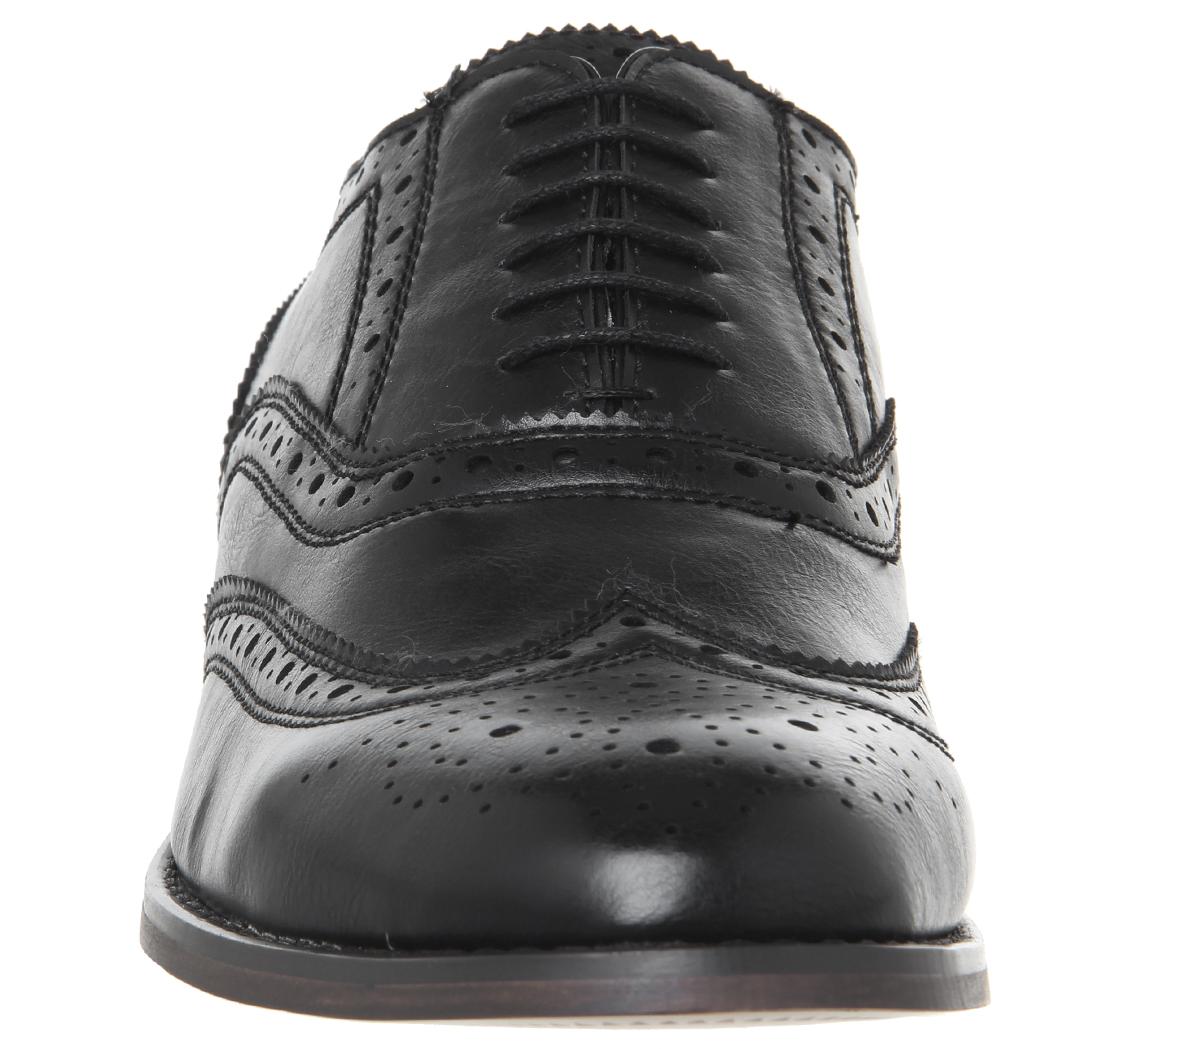 Scarpe nere da ufficio da uomo wnrqwPFA